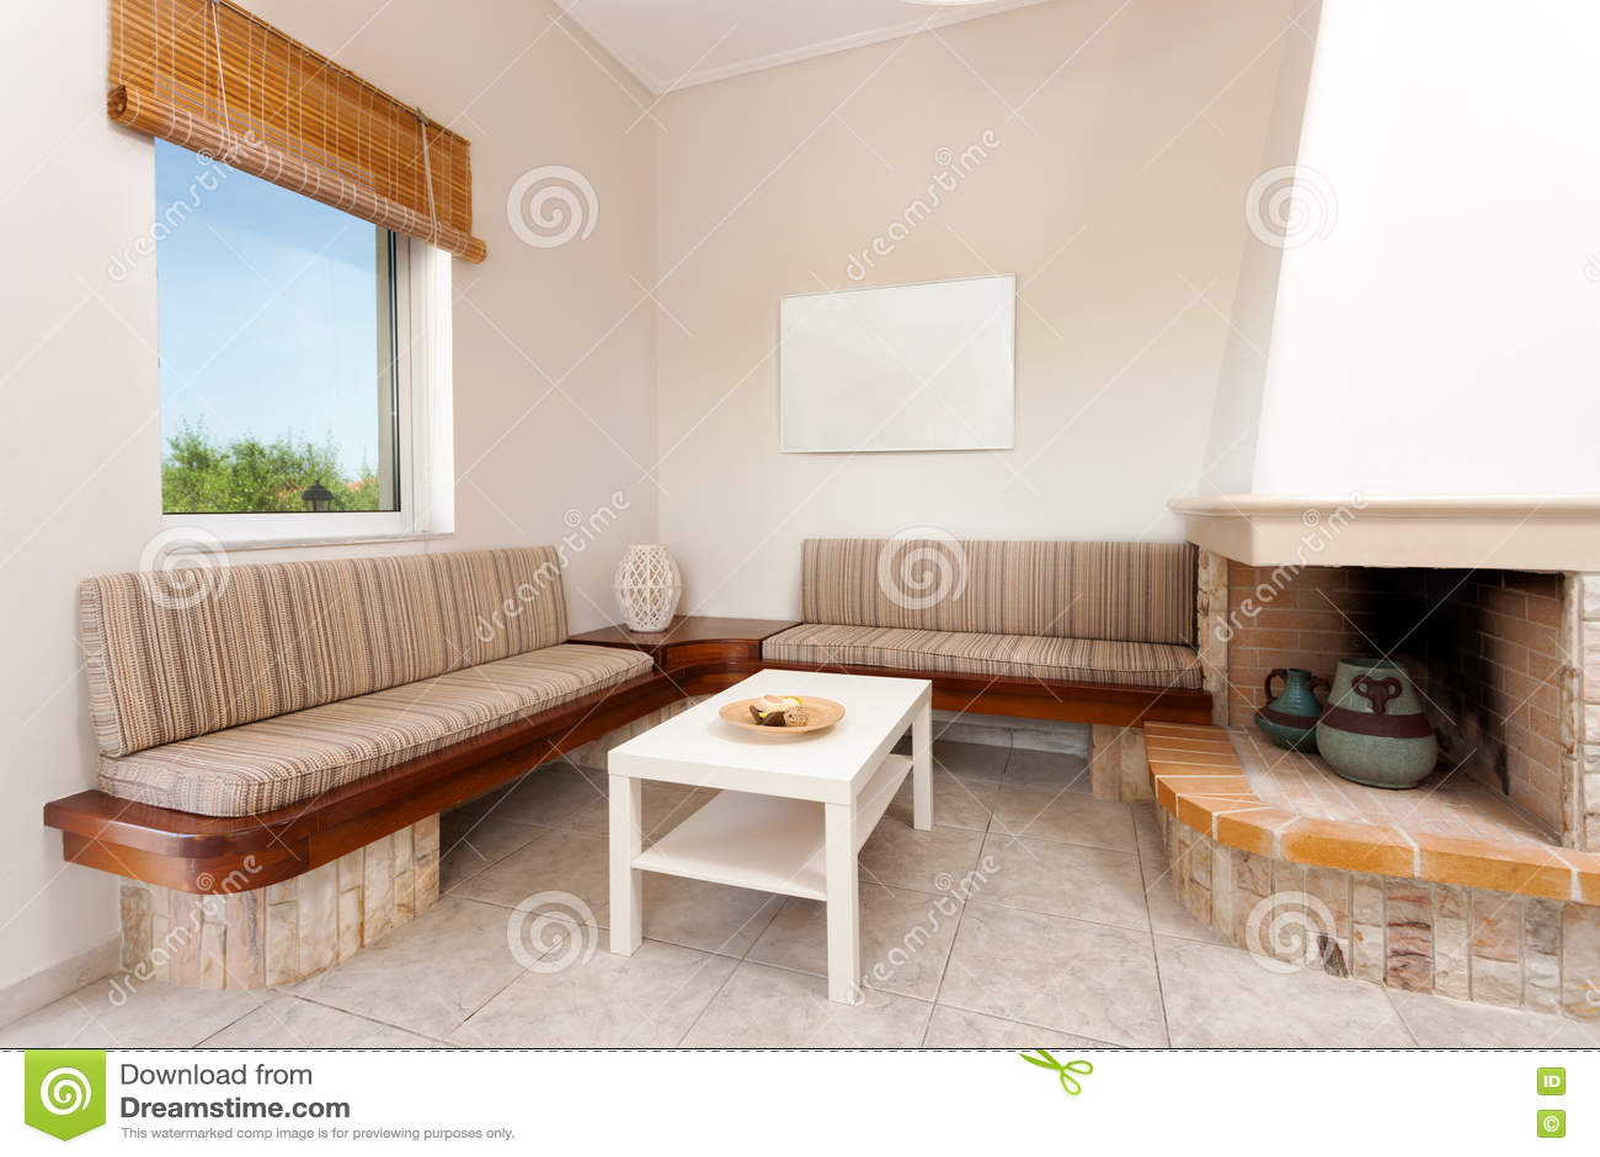 Download Wohnzimmer Mit Kamin Stockfoto. Bild Von Nachrichten   80454530